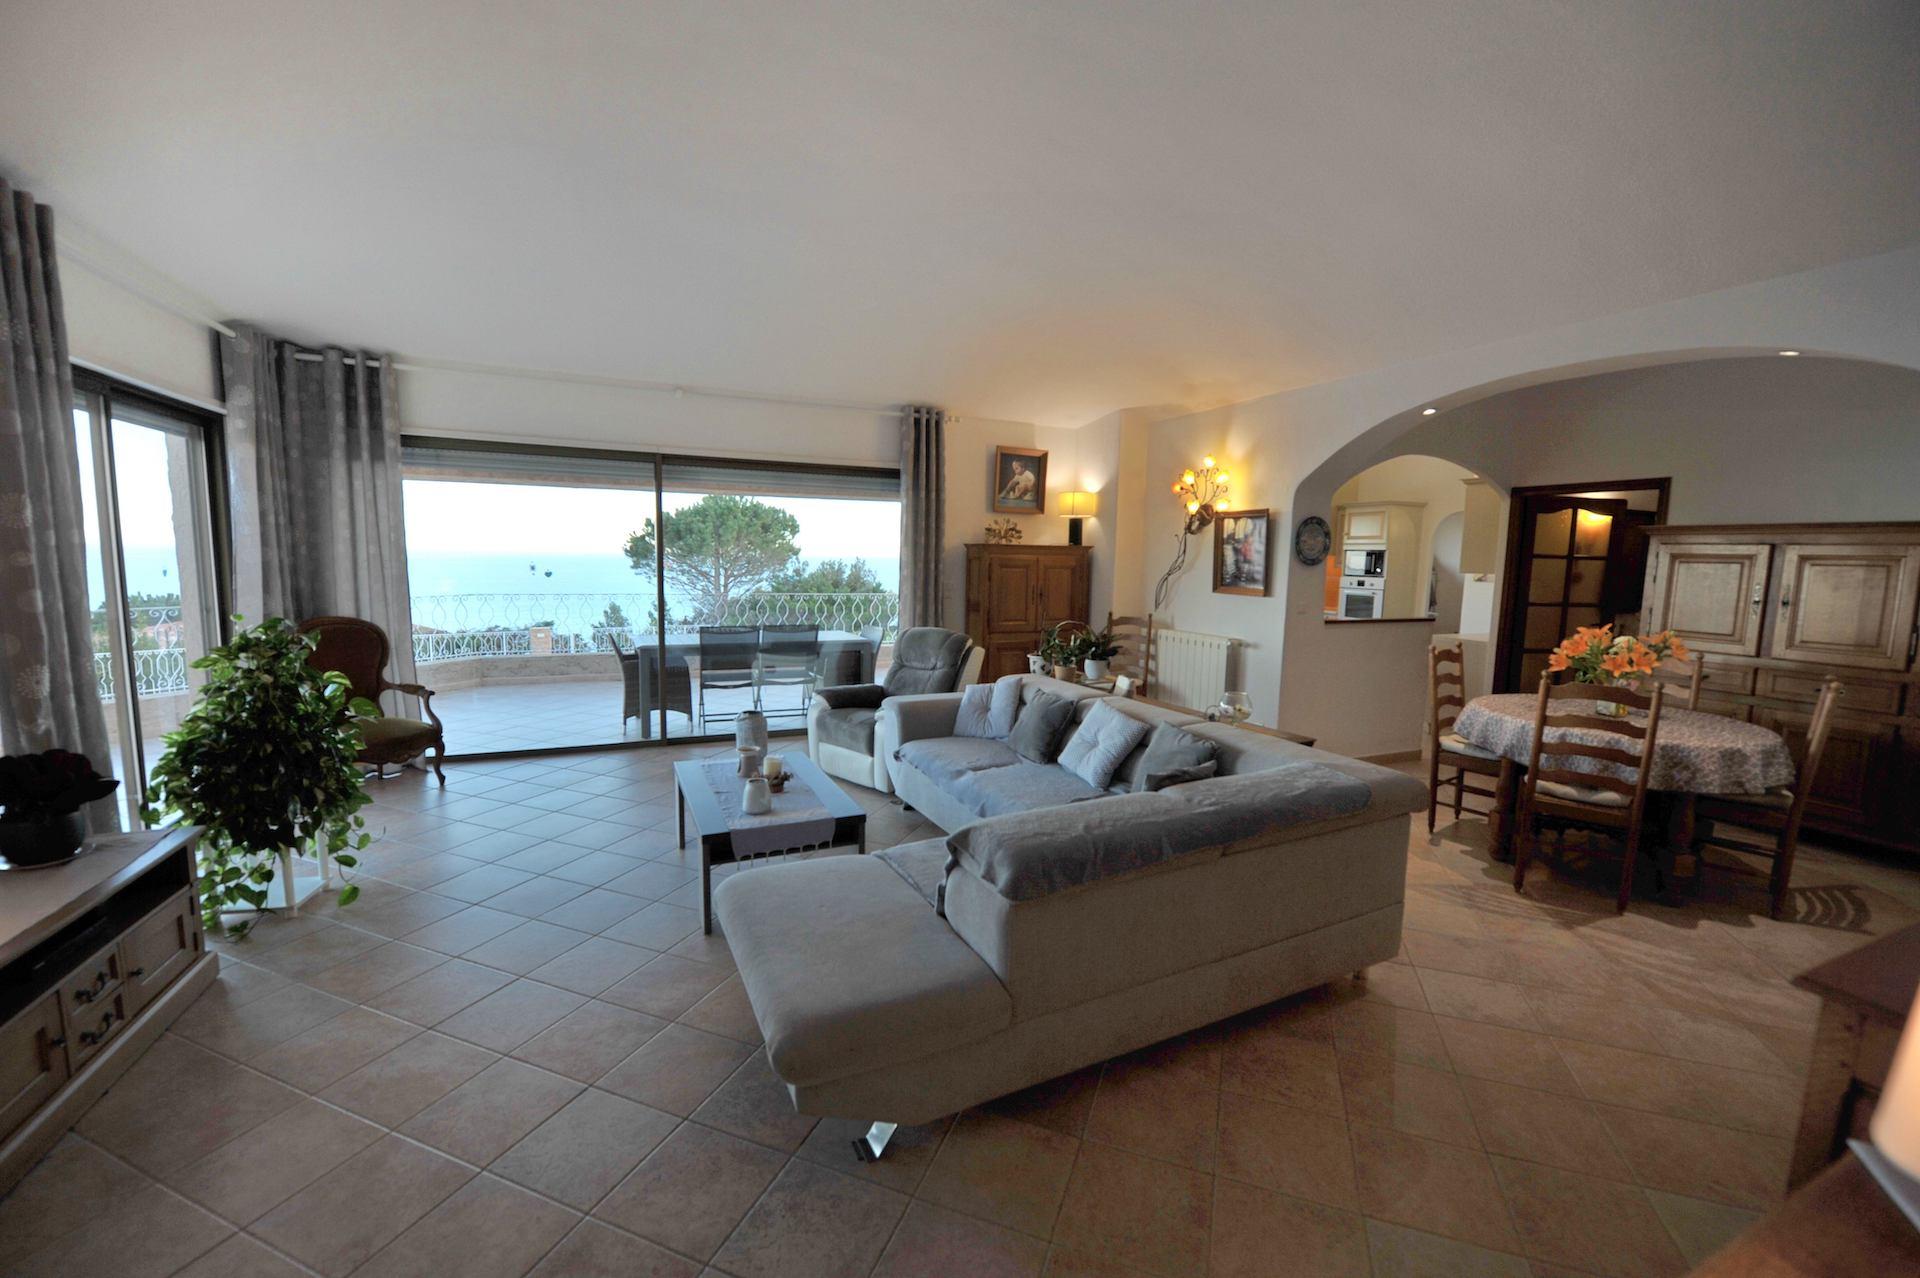 Propriété Domaine de PUNTA D'ORO (sur les hauteurs de Palombaggia/Santa Giulia): À 600m. à pied de la plage, Propriété 13 pièces comprenant Villa T-7 SUPERBE VUE MER PANORAMIQUE À 180° avec PISCINE et JACUZZI + 2 T-3 indépendants.